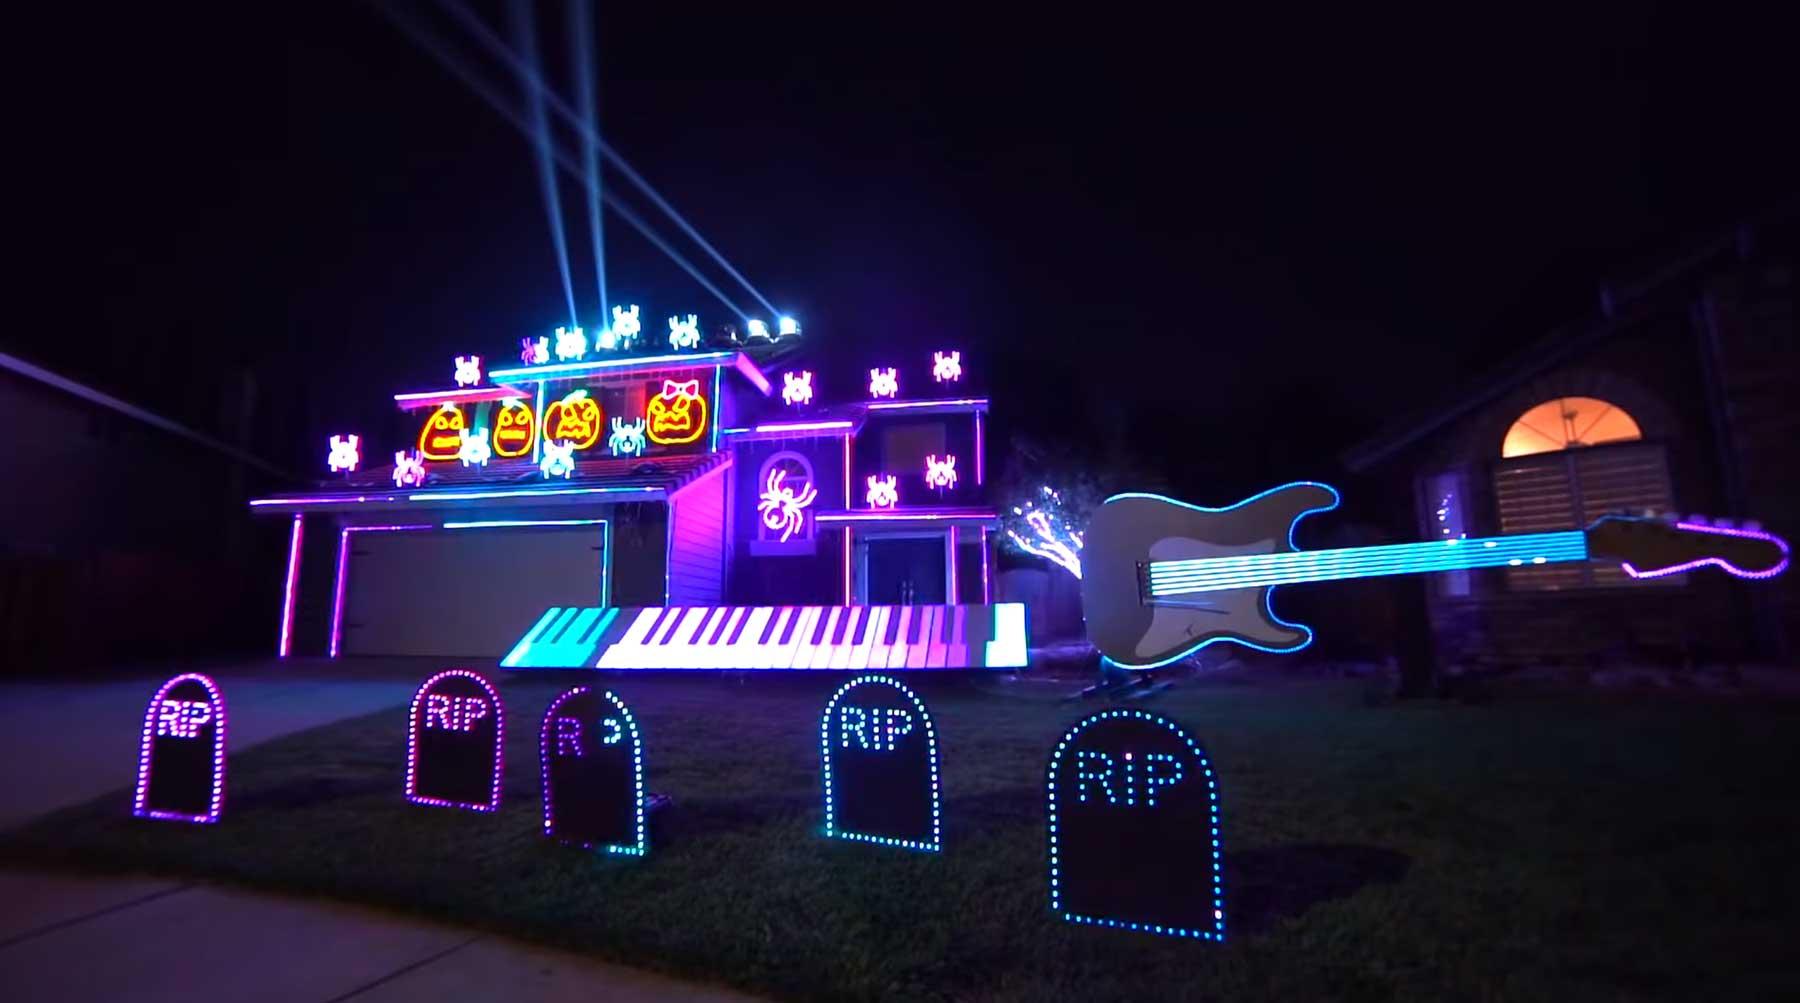 Hauslichtshow tanzt zu einem Best of Michael Jackson-Medley